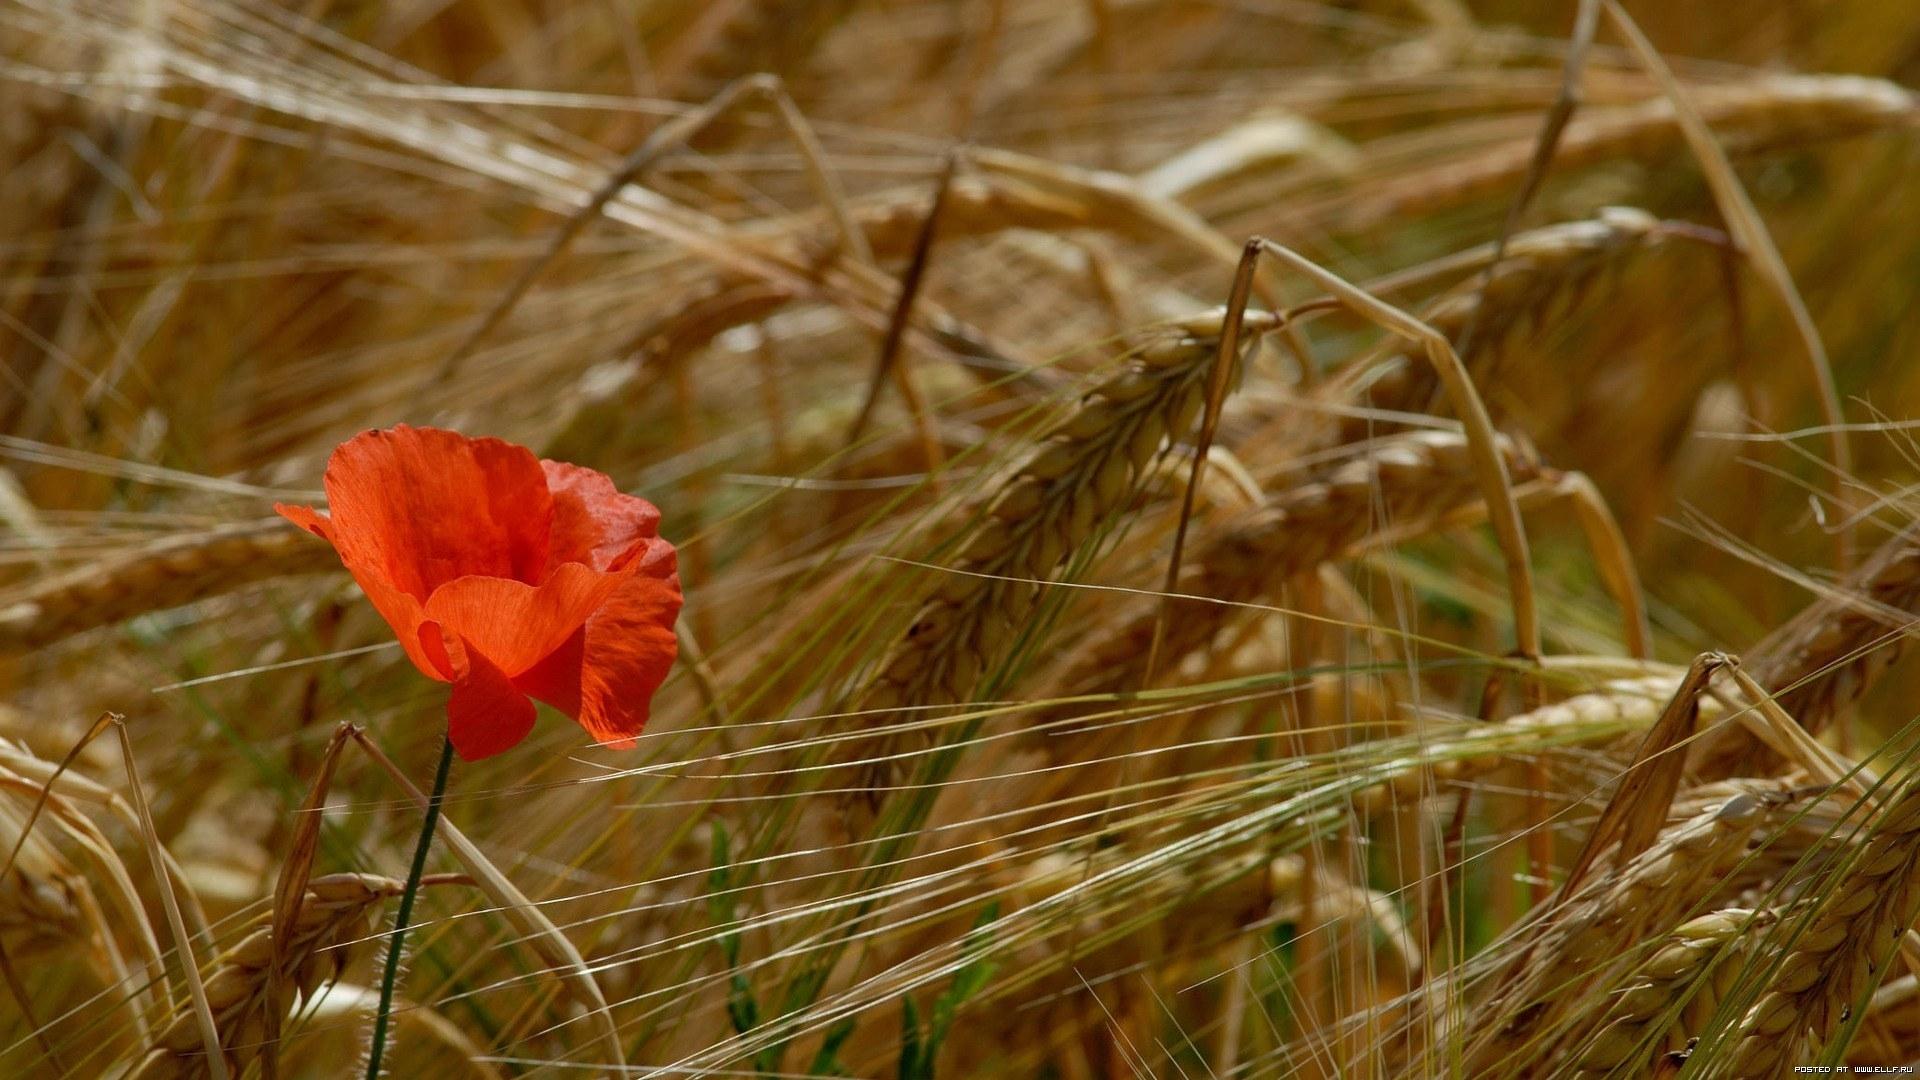 24732 скачать обои Растения, Маки, Пшеница - заставки и картинки бесплатно